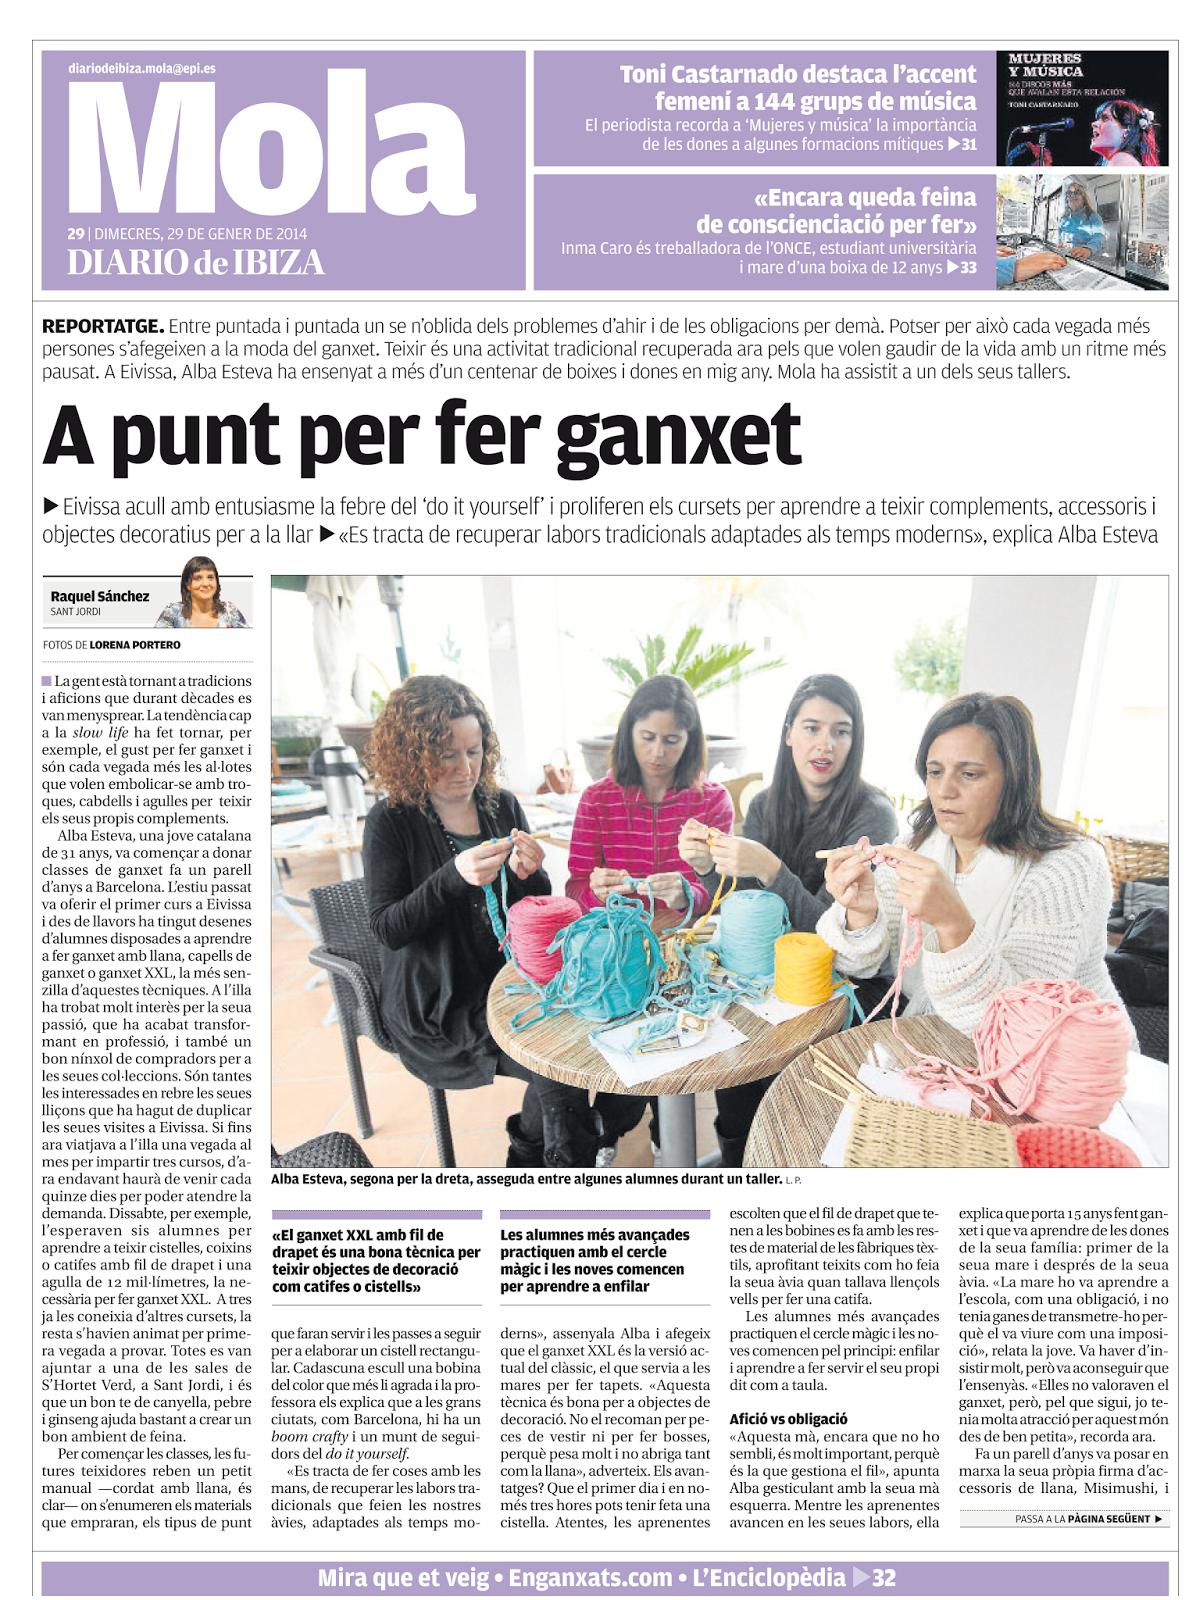 el diario de ibiza: